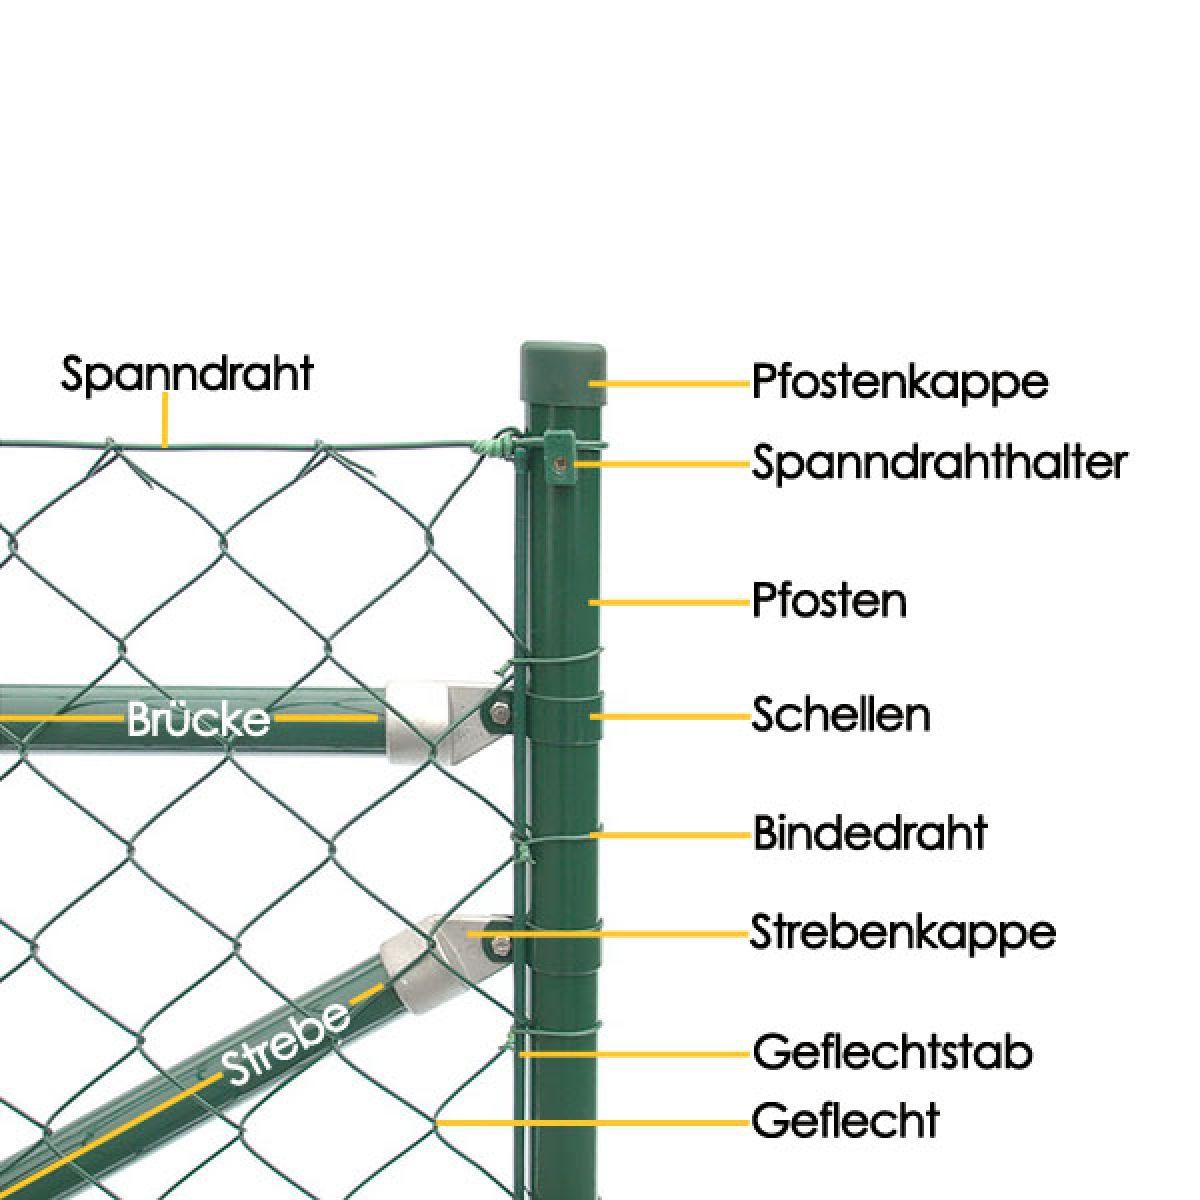 Schön Drahtzaun Stile Fotos - Elektrische Schaltplan-Ideen ...